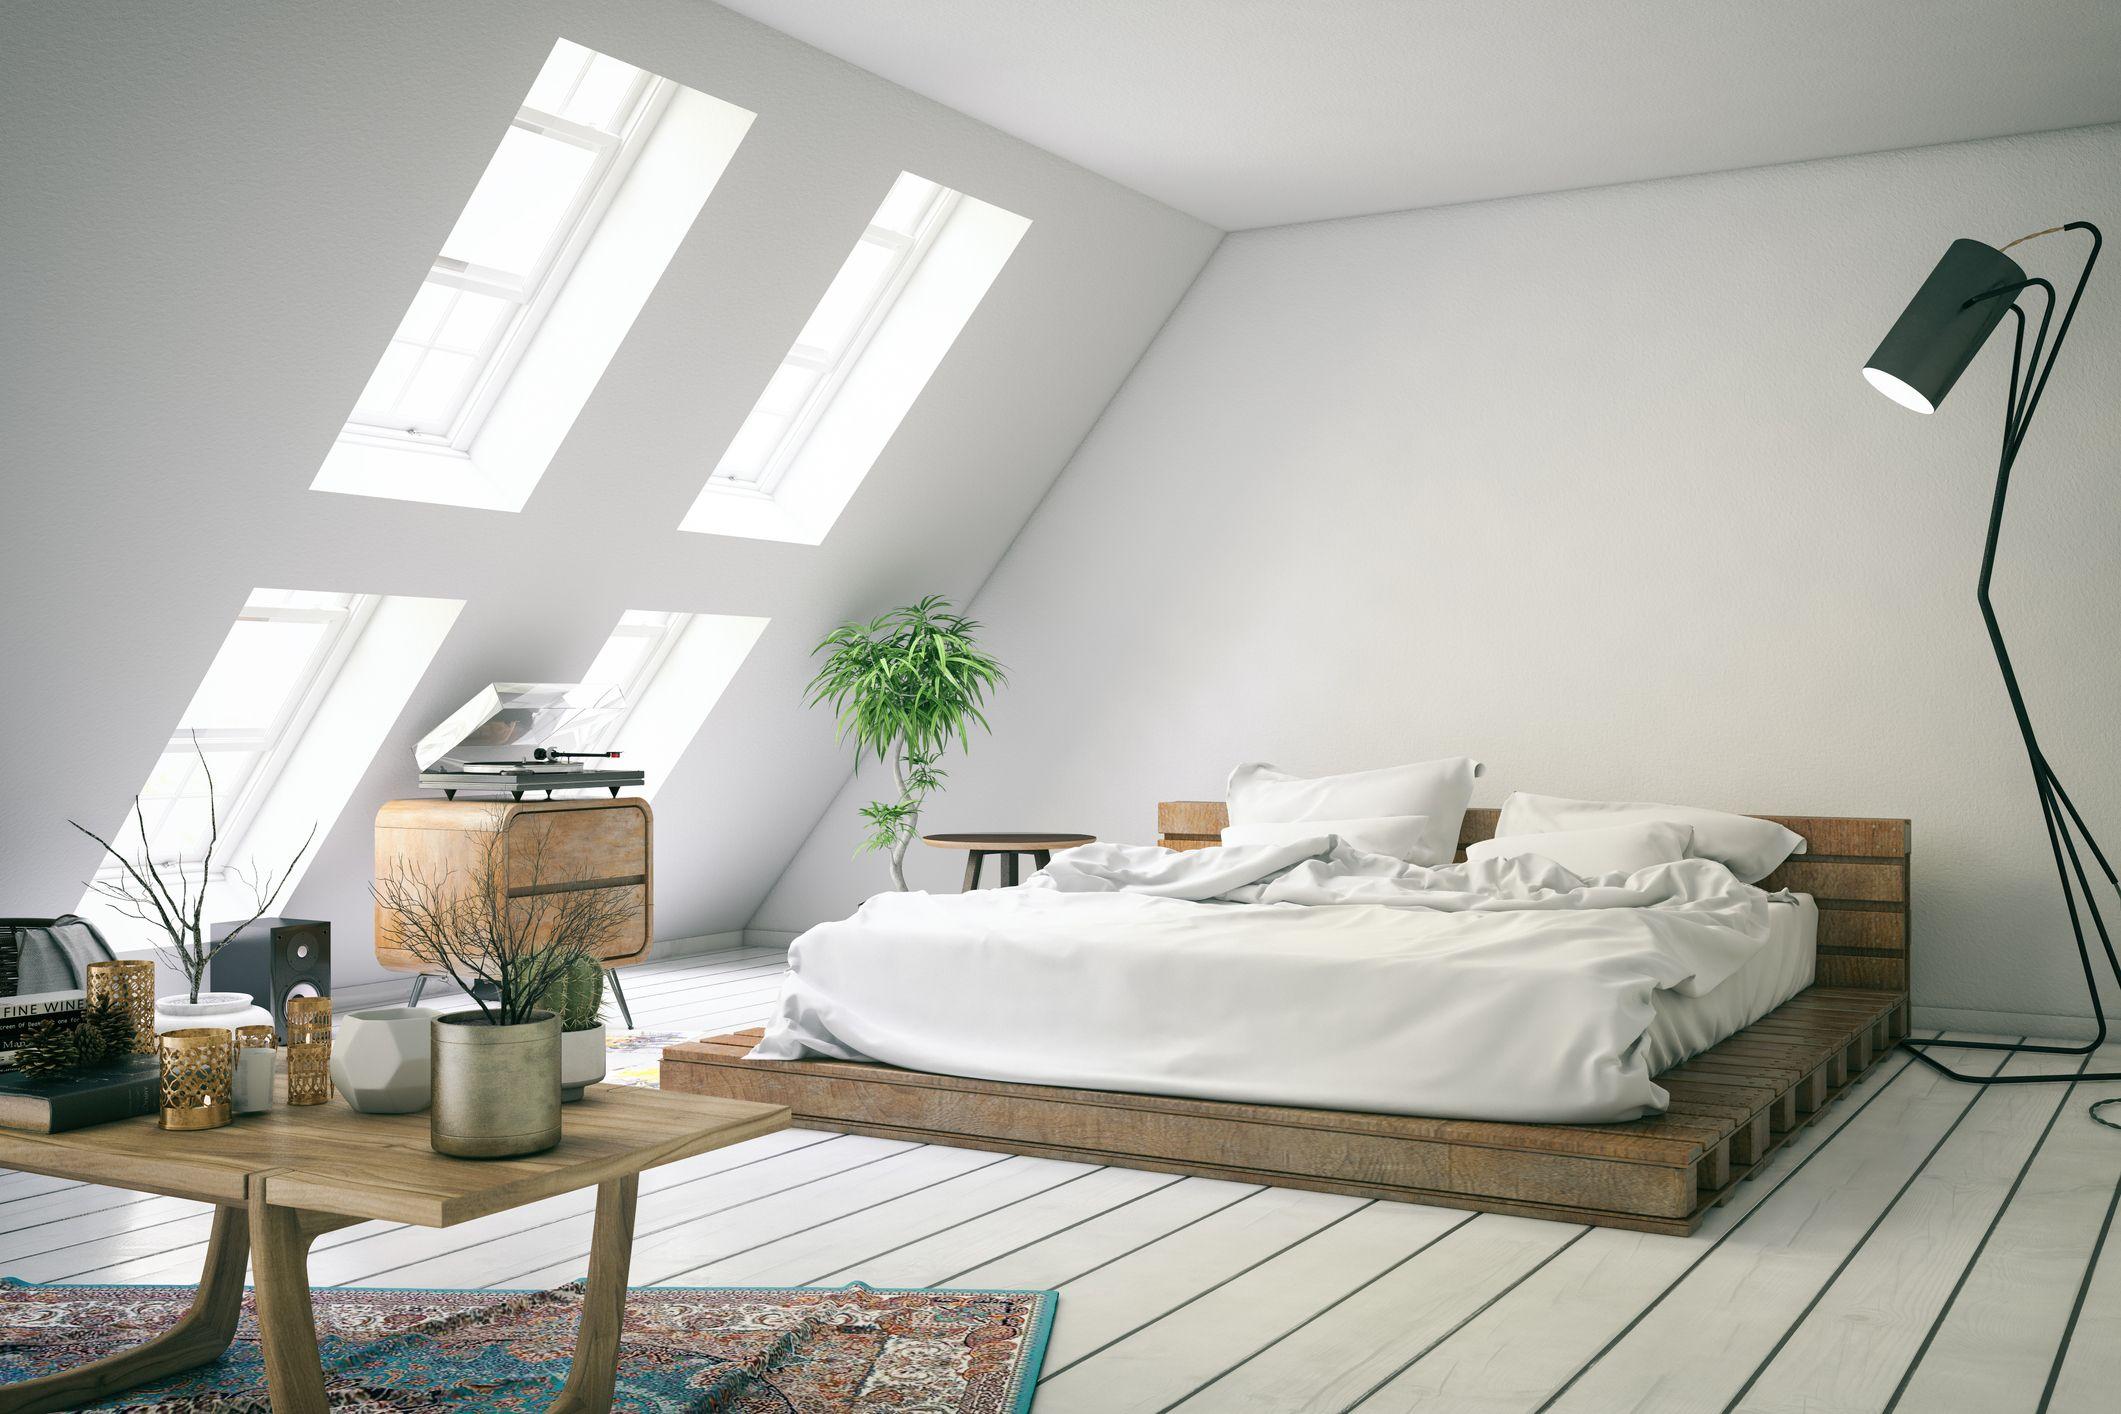 Checklist Huis Inrichten.Dit Zijn 8 Items Waardoor Je Huis Direct Luxer Oogt